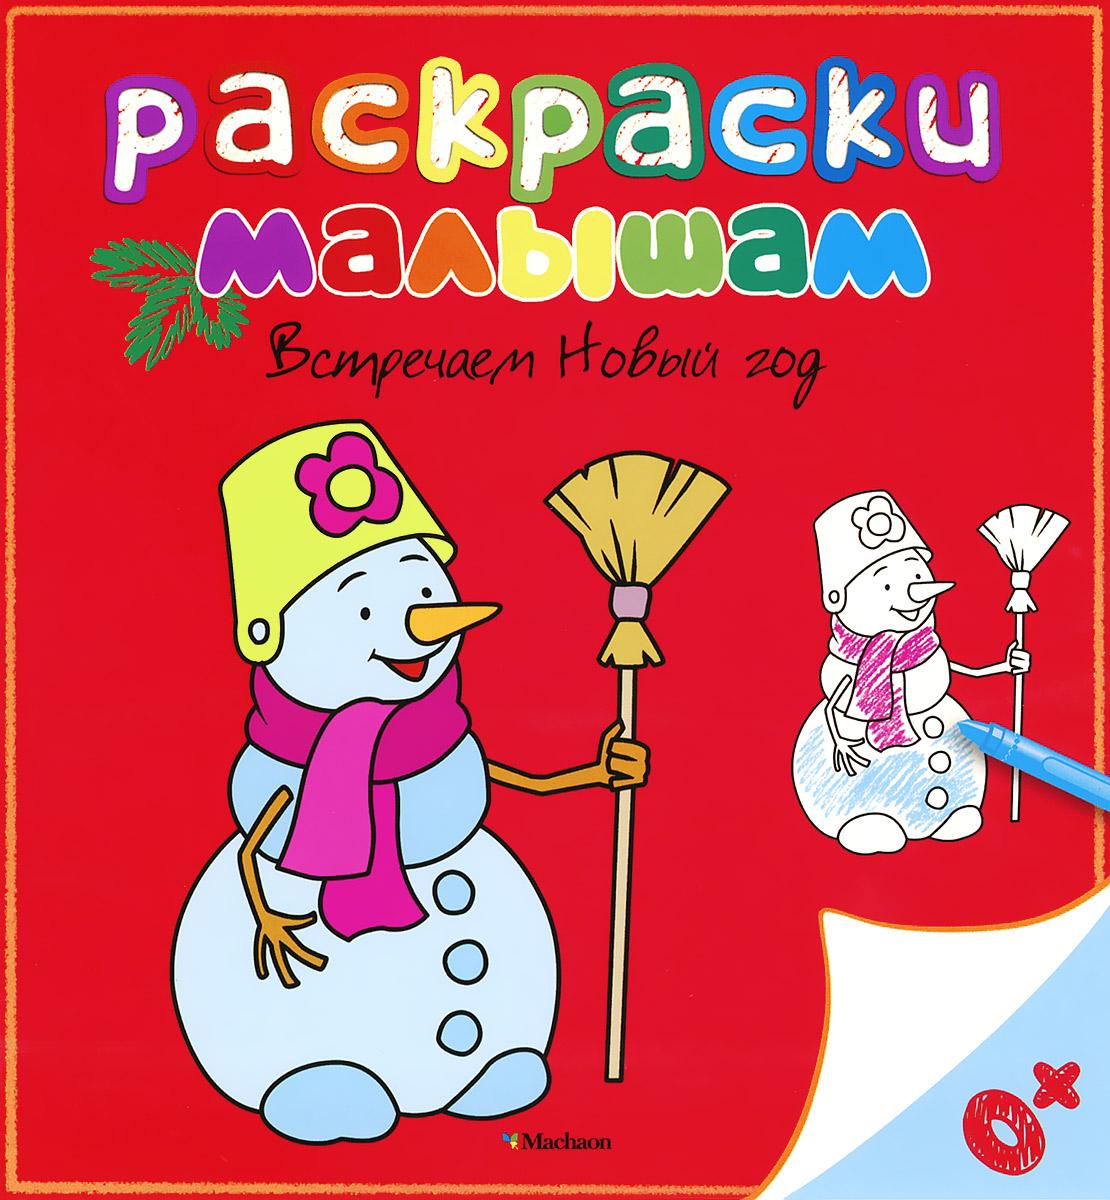 Встречаем Новый Год12296407Зимой столько всего интересного - снег, зимние игры и конечно же ожидание Нового года и подарков! С этими раскрасками ваш малыш окунётся в зимнюю праздничную атмосферу: нарядит новогоднюю ёлку, побывает в гостях у Деда Мороза и познакомится с его друзьями, узнает, как можно развлекаться зимой. Пусть ваш маленький художник раскрасит картинки как хочет! В помощь ему в раскрасках есть цветные образцы. Для дошкольного возраста.